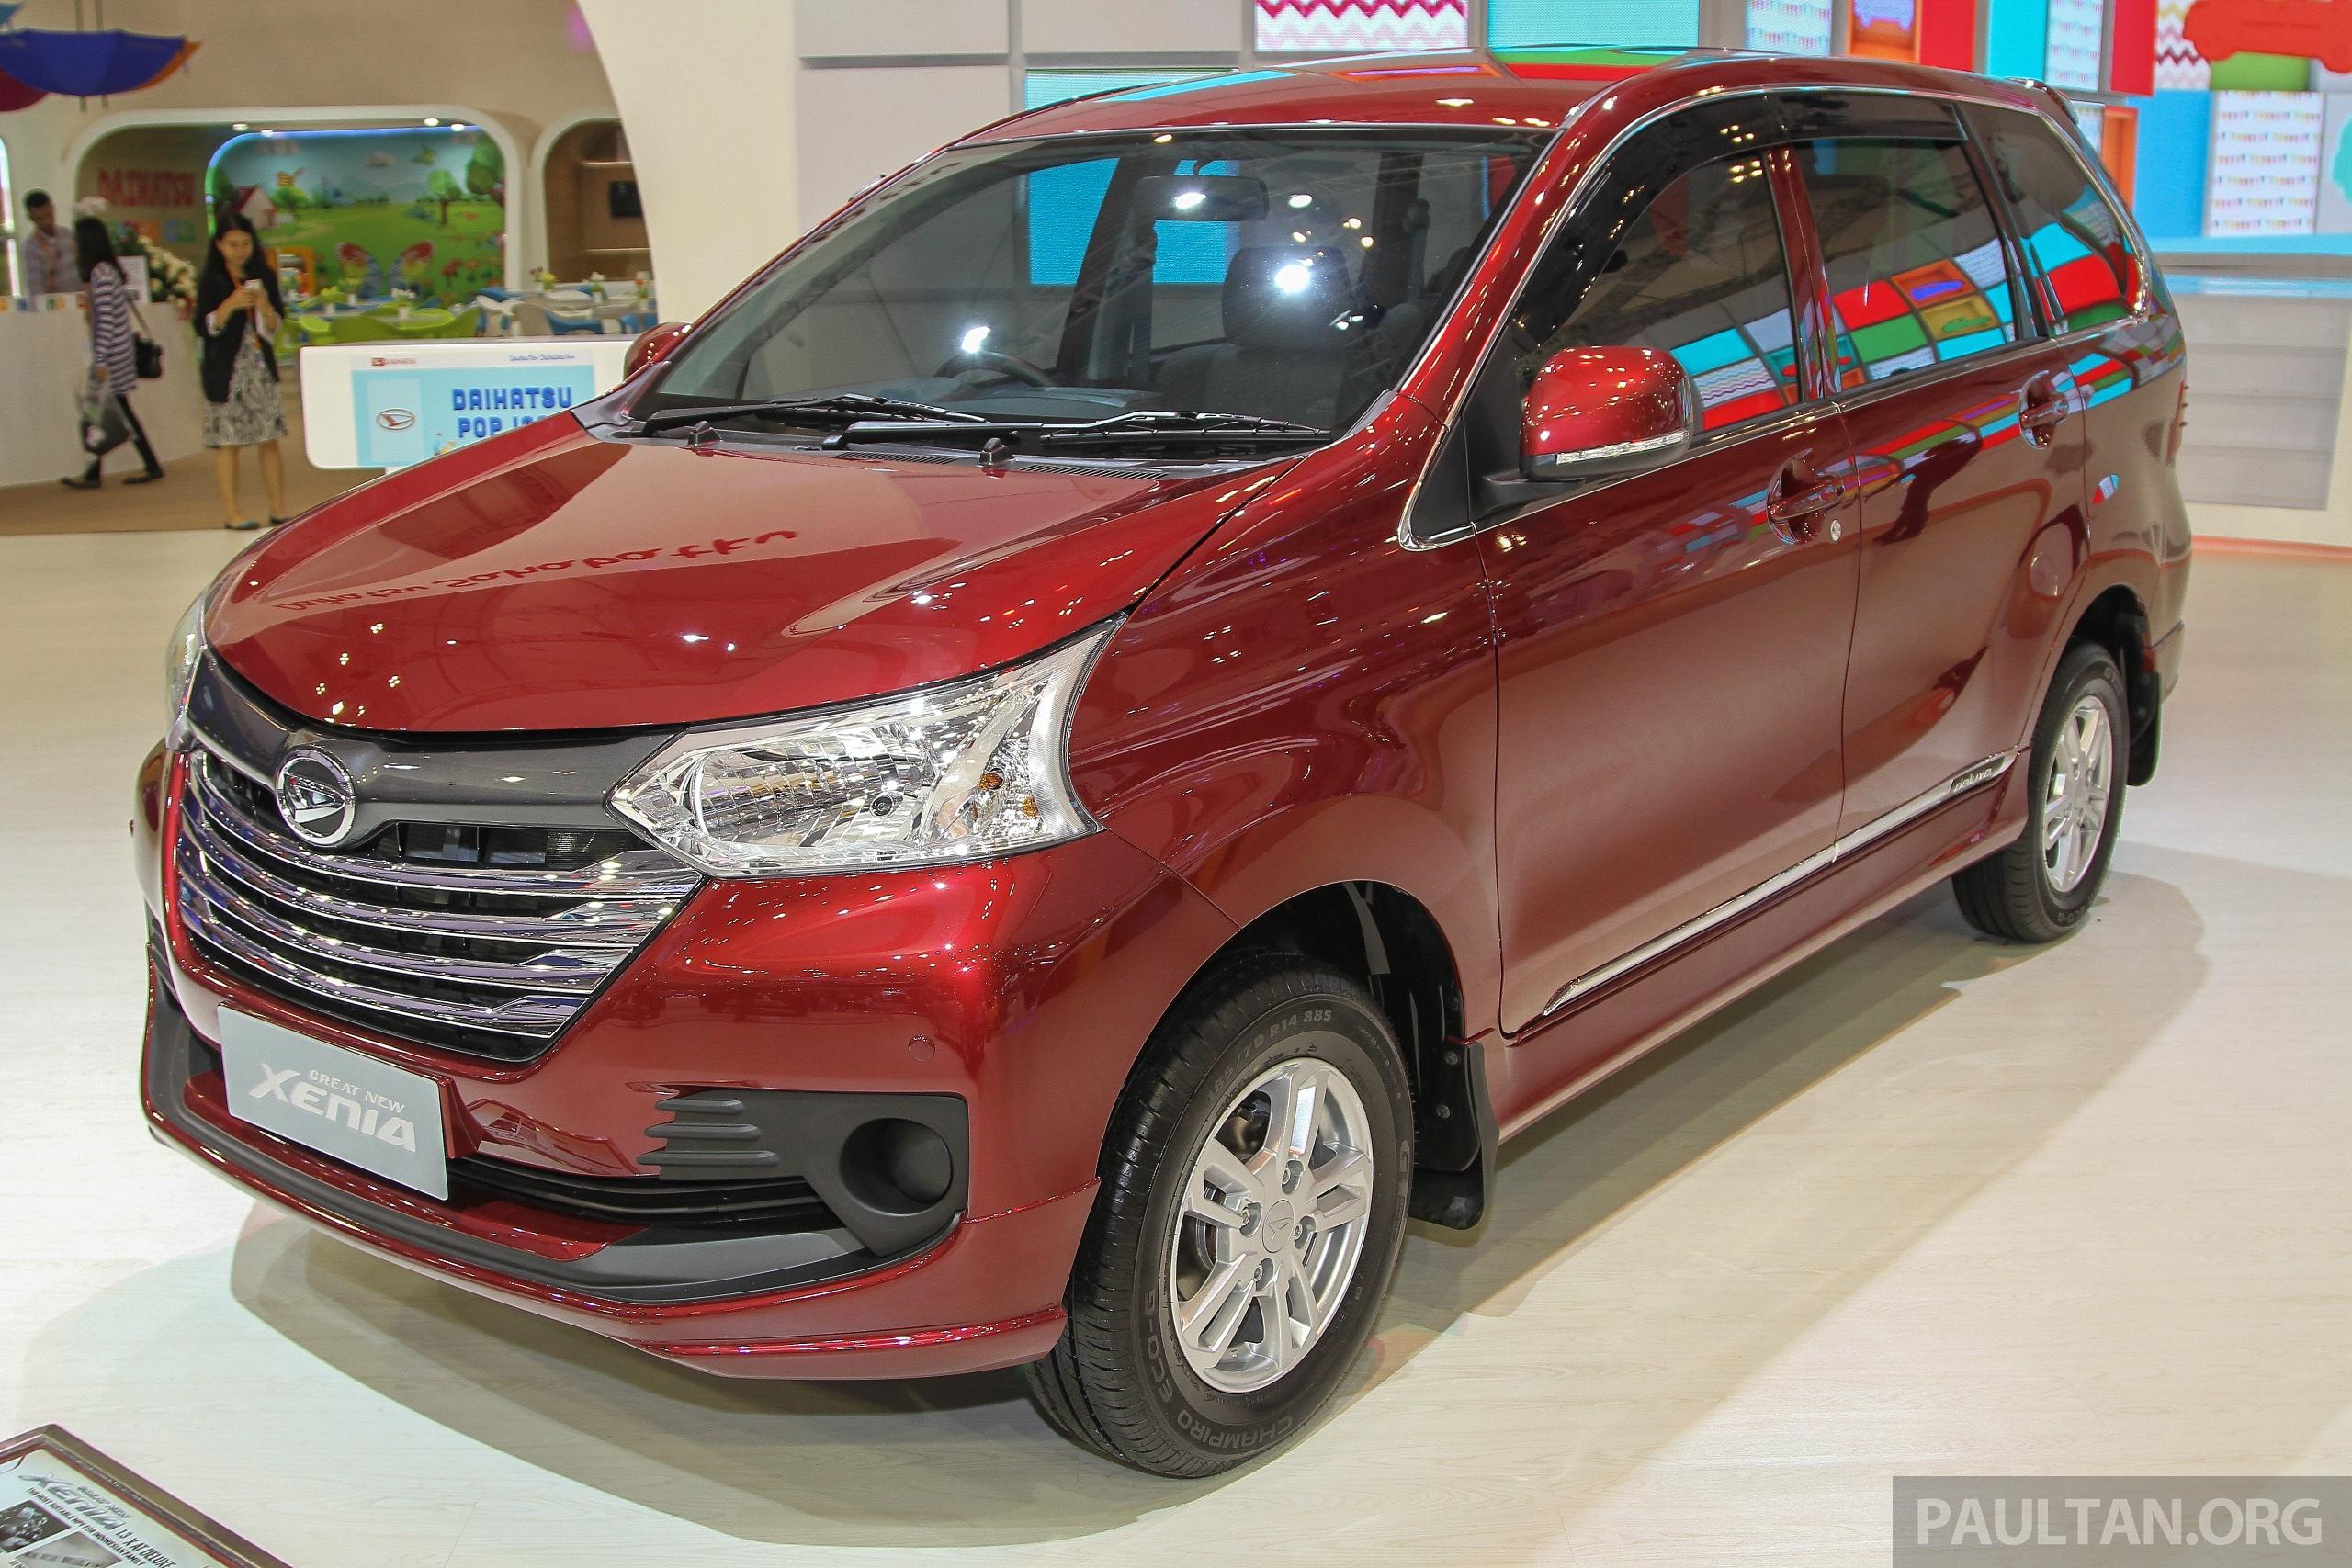 Giias 2015 Daihatsu Xenia Facelifted Avanza S Sister